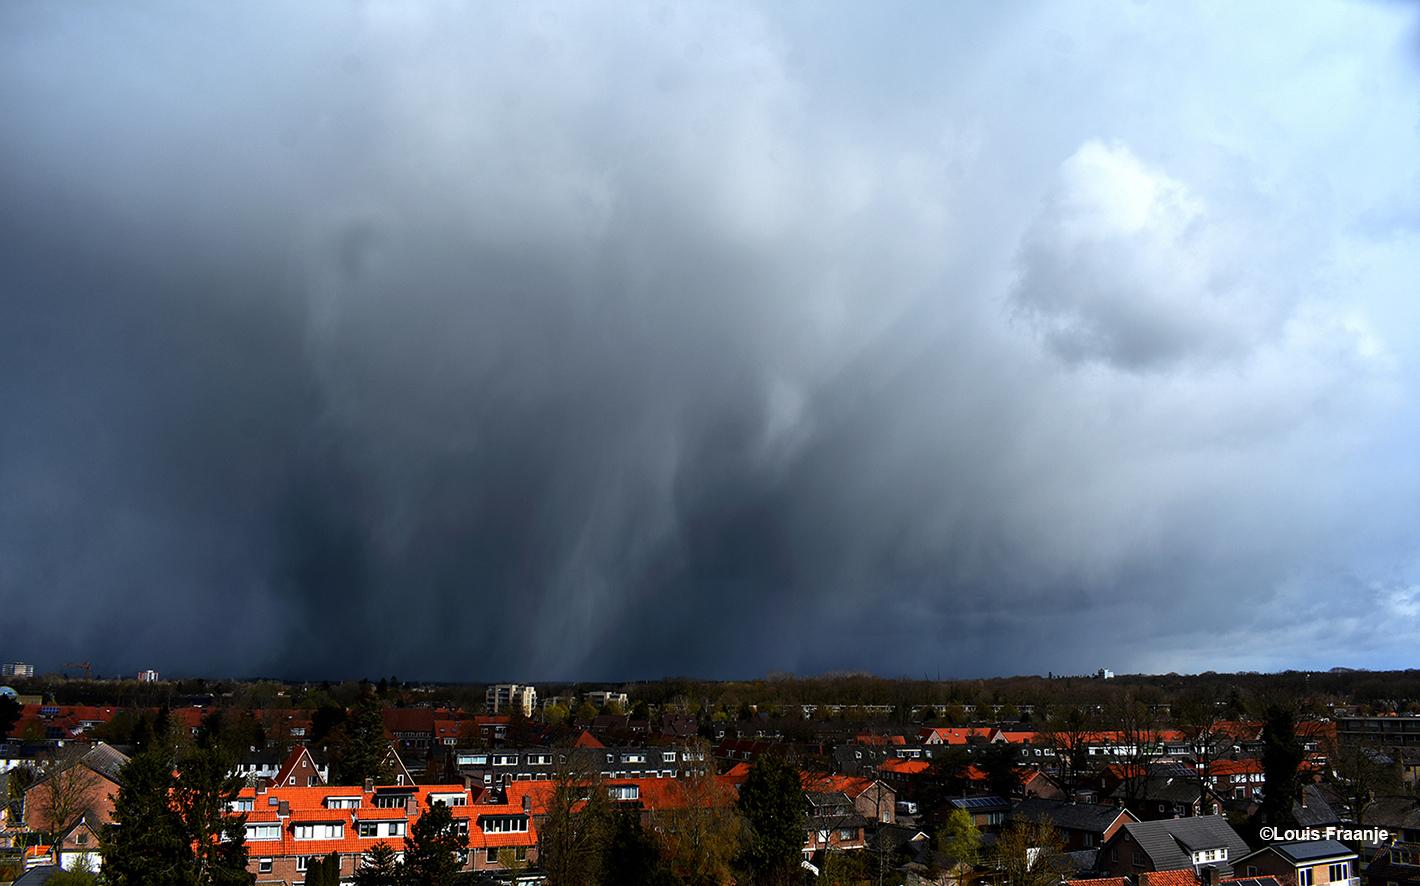 Zware buien drijven aan de horizon, met rechts de Klinkenberg flat - Foto: ©Louis Fraanje